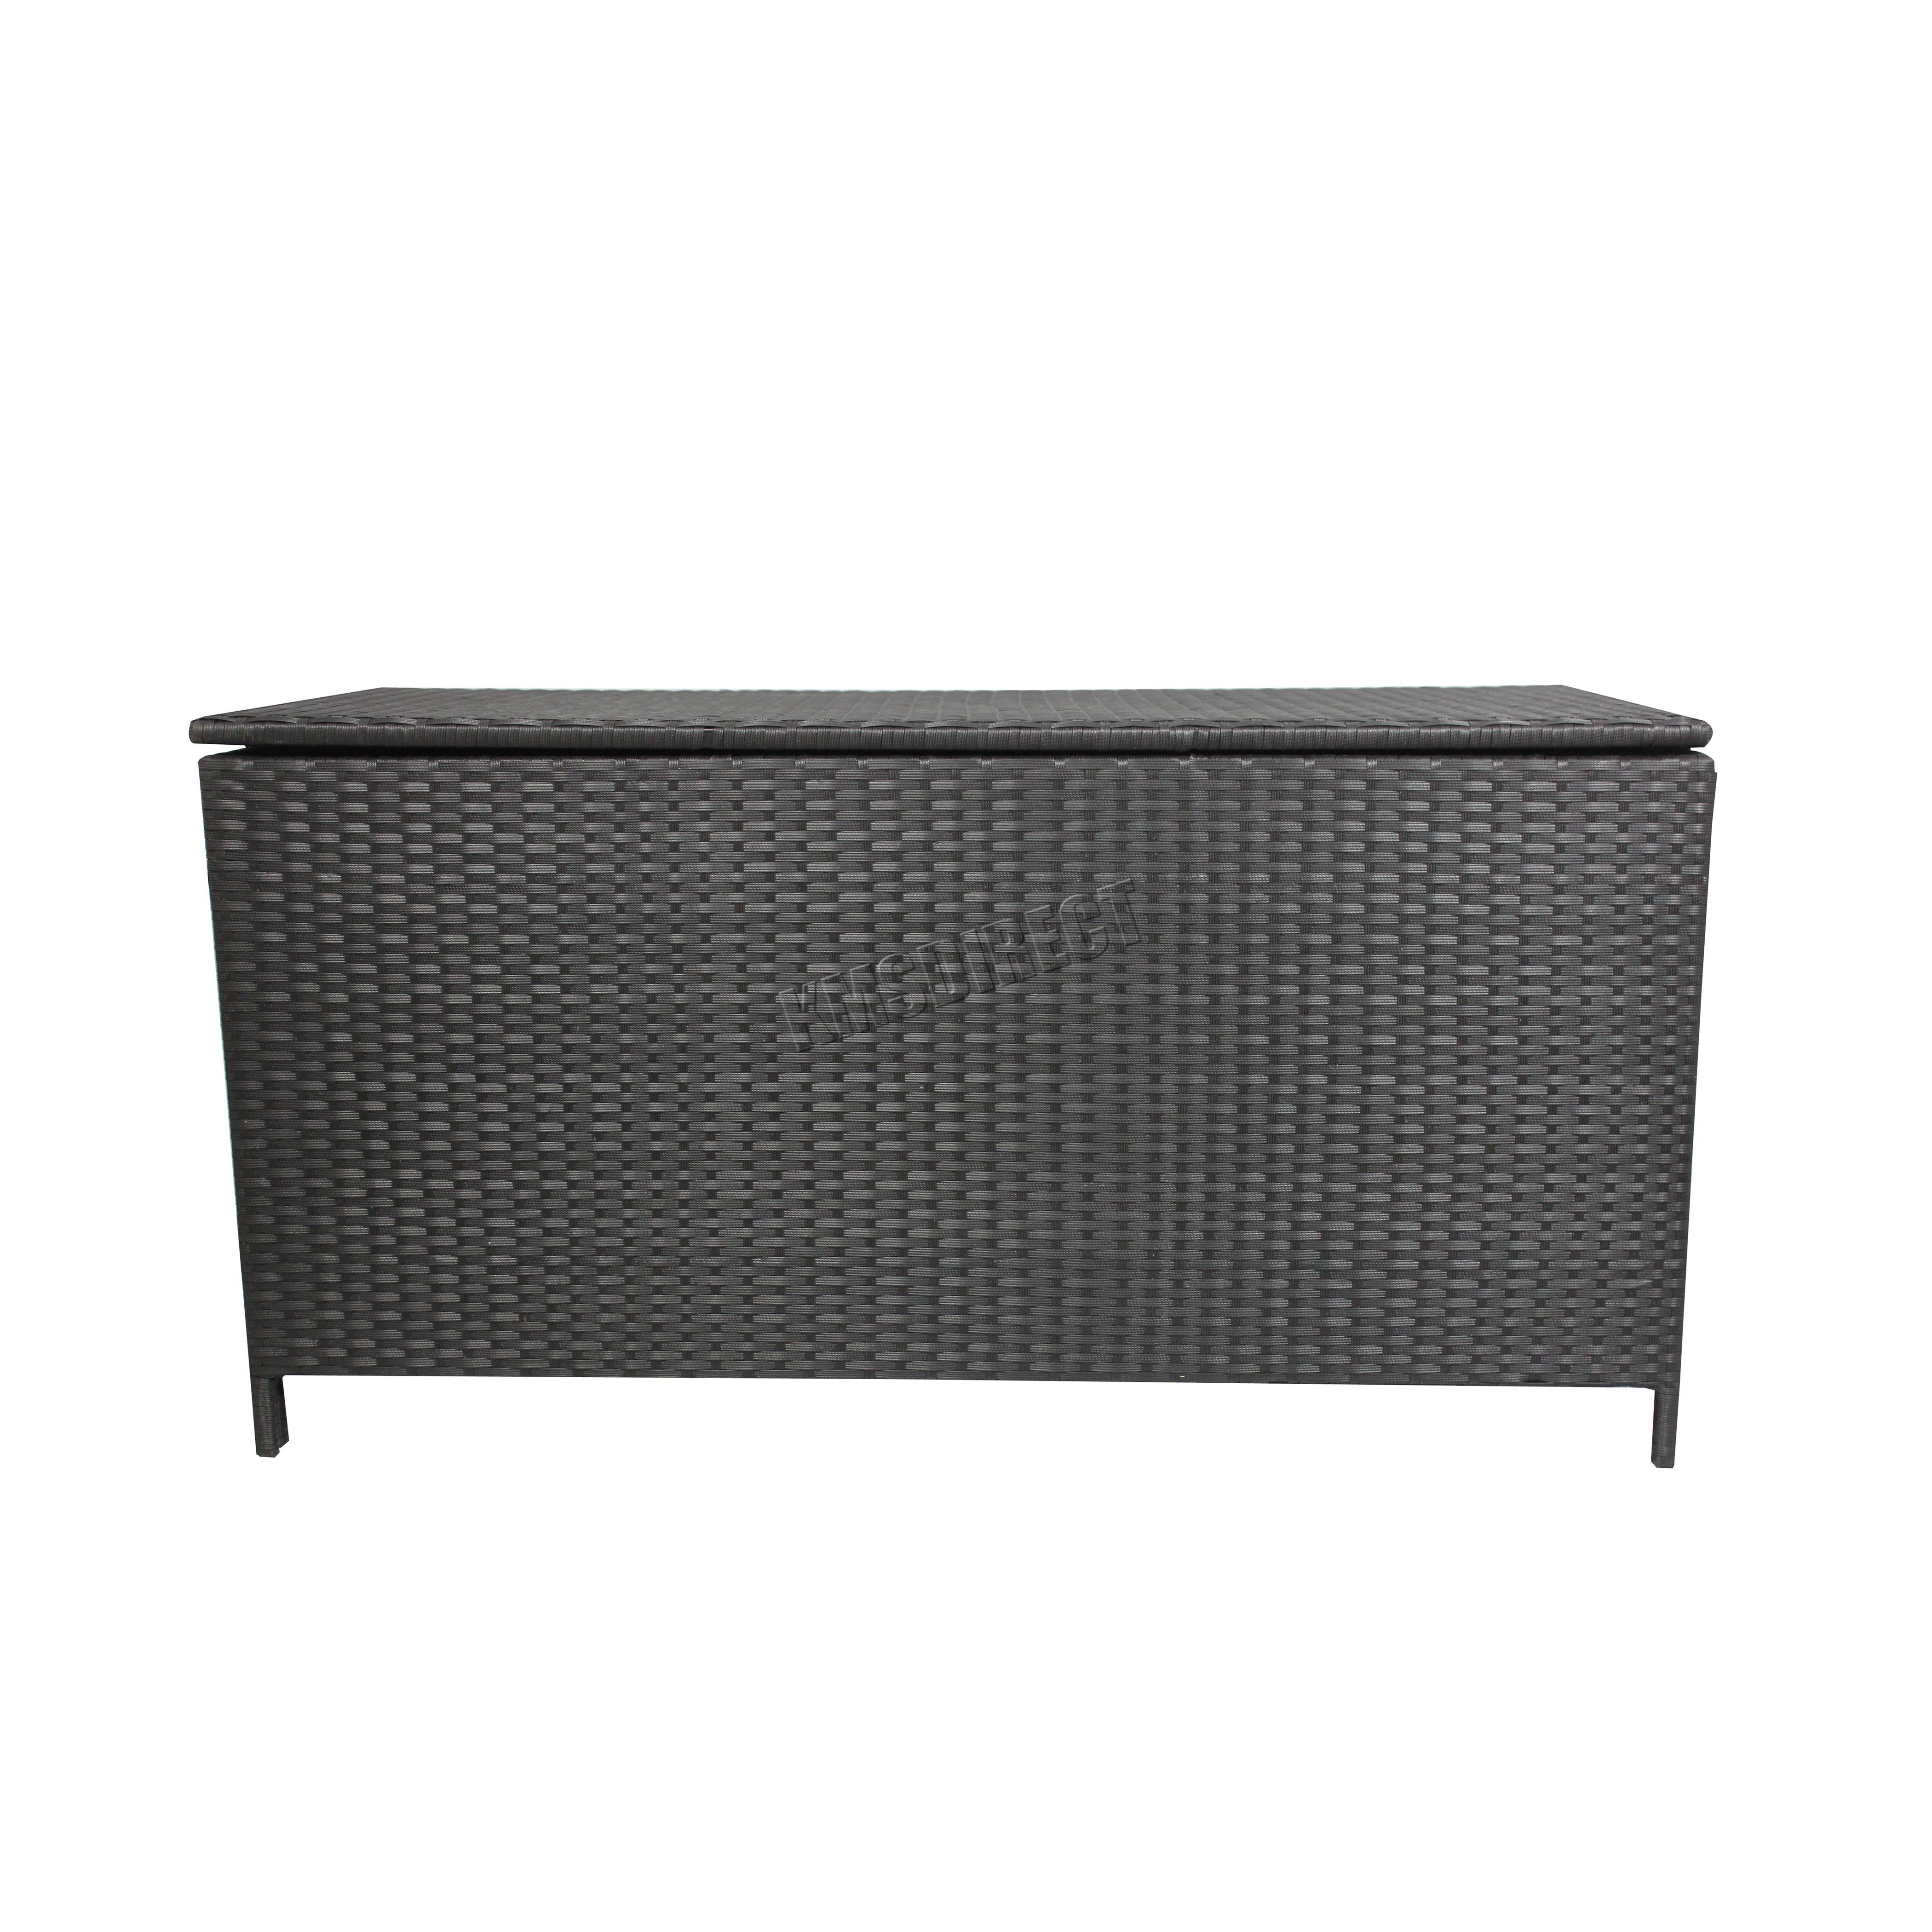 Garden Furniture With Storage foxhunter garden furniture rattan storage box woven chest patio